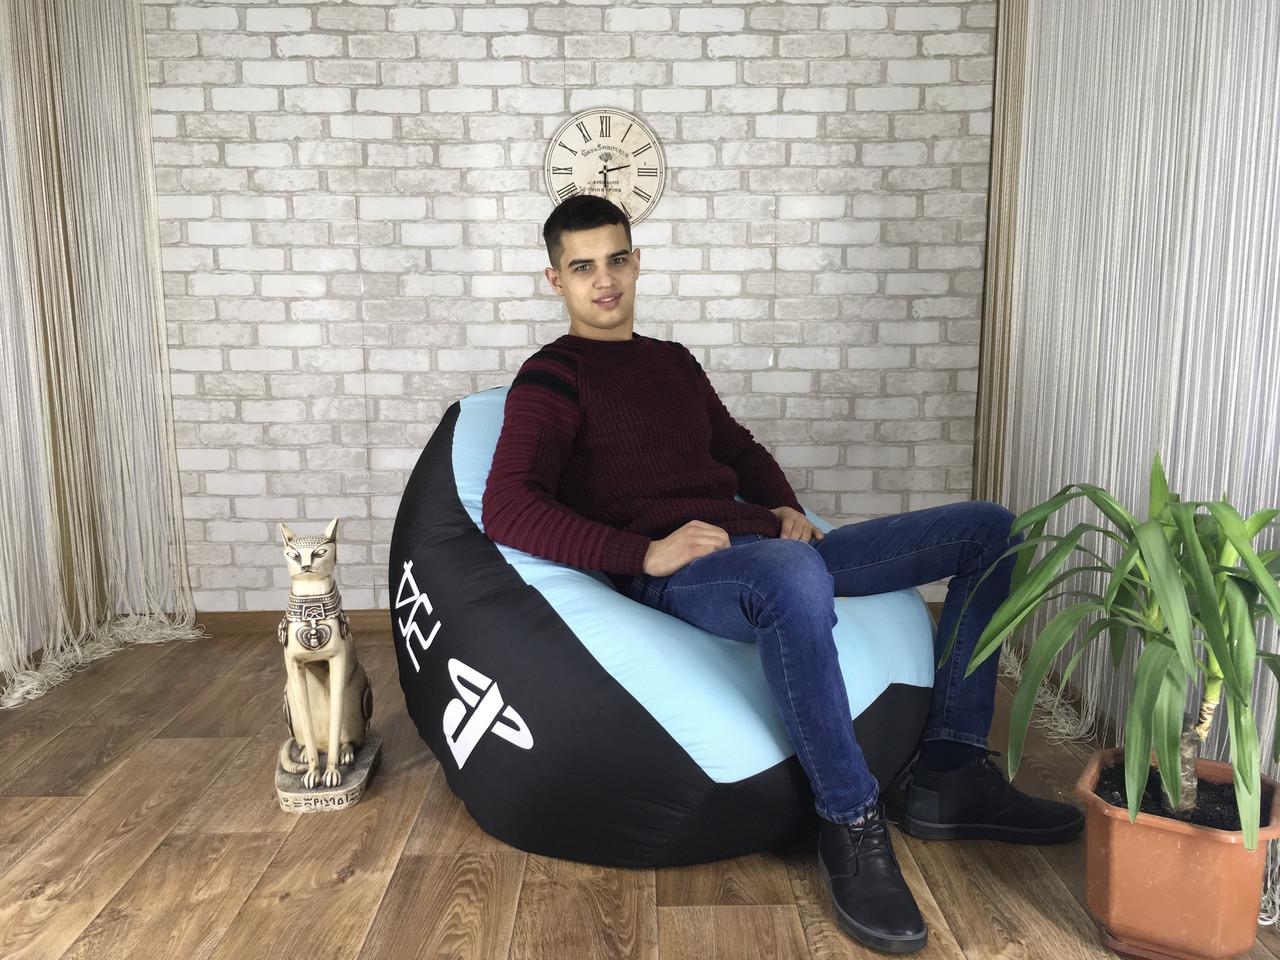 Комфортное кресло мешок Кресло Груша бескаркасный Мяч  Мягкий Пуф Квадро (Ова) взрослый размер XL 125*100 см